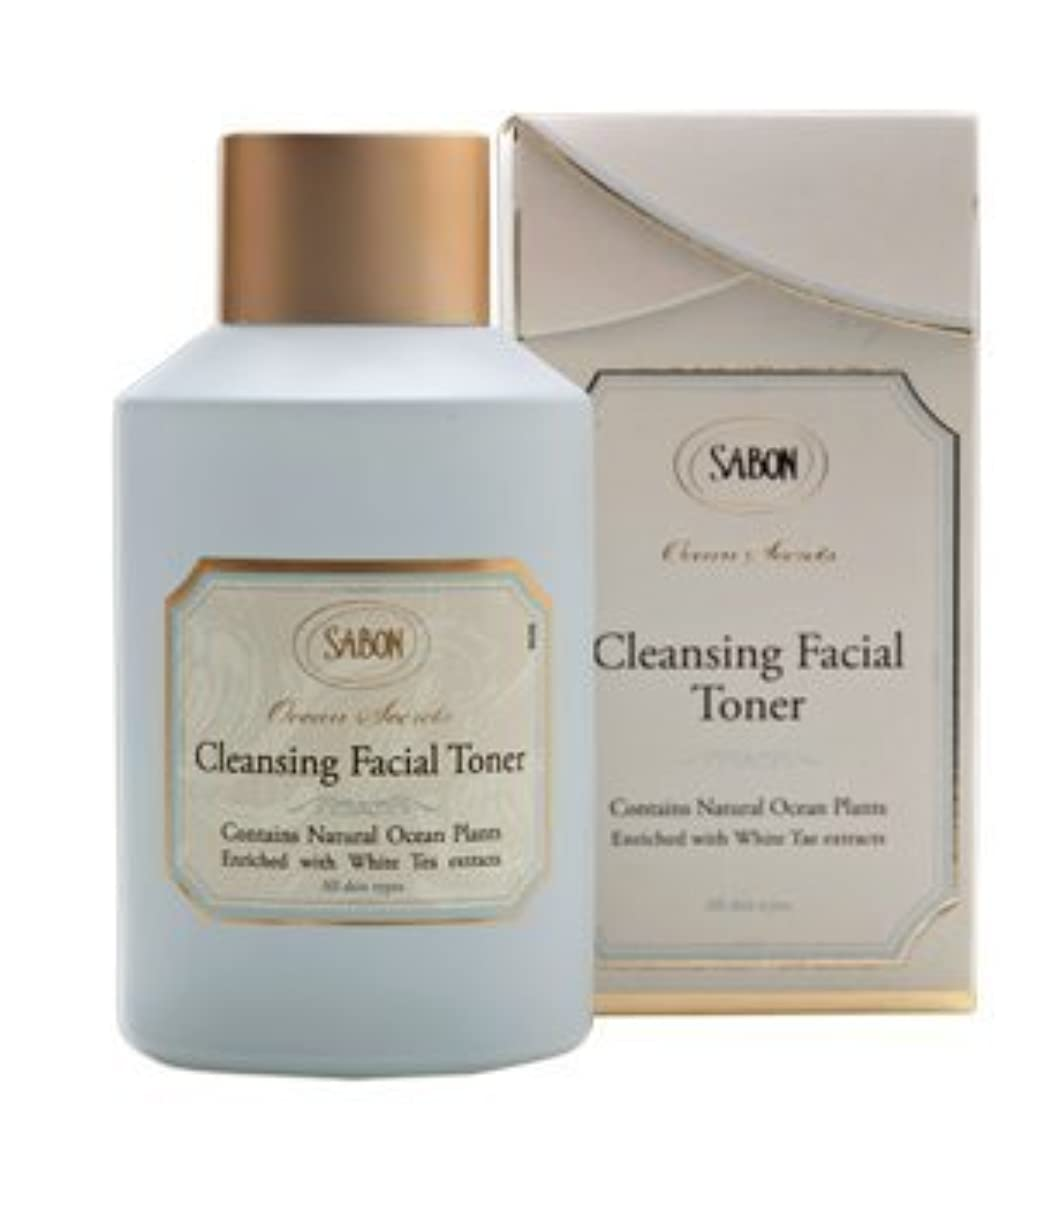 ランチョン楕円形可能にする【SABON(サボン)】Ocean Secrets - Cleansing Facial Toner (125ml) 拭き取り用化粧水 イスラエル発 並行輸入品 海外直送